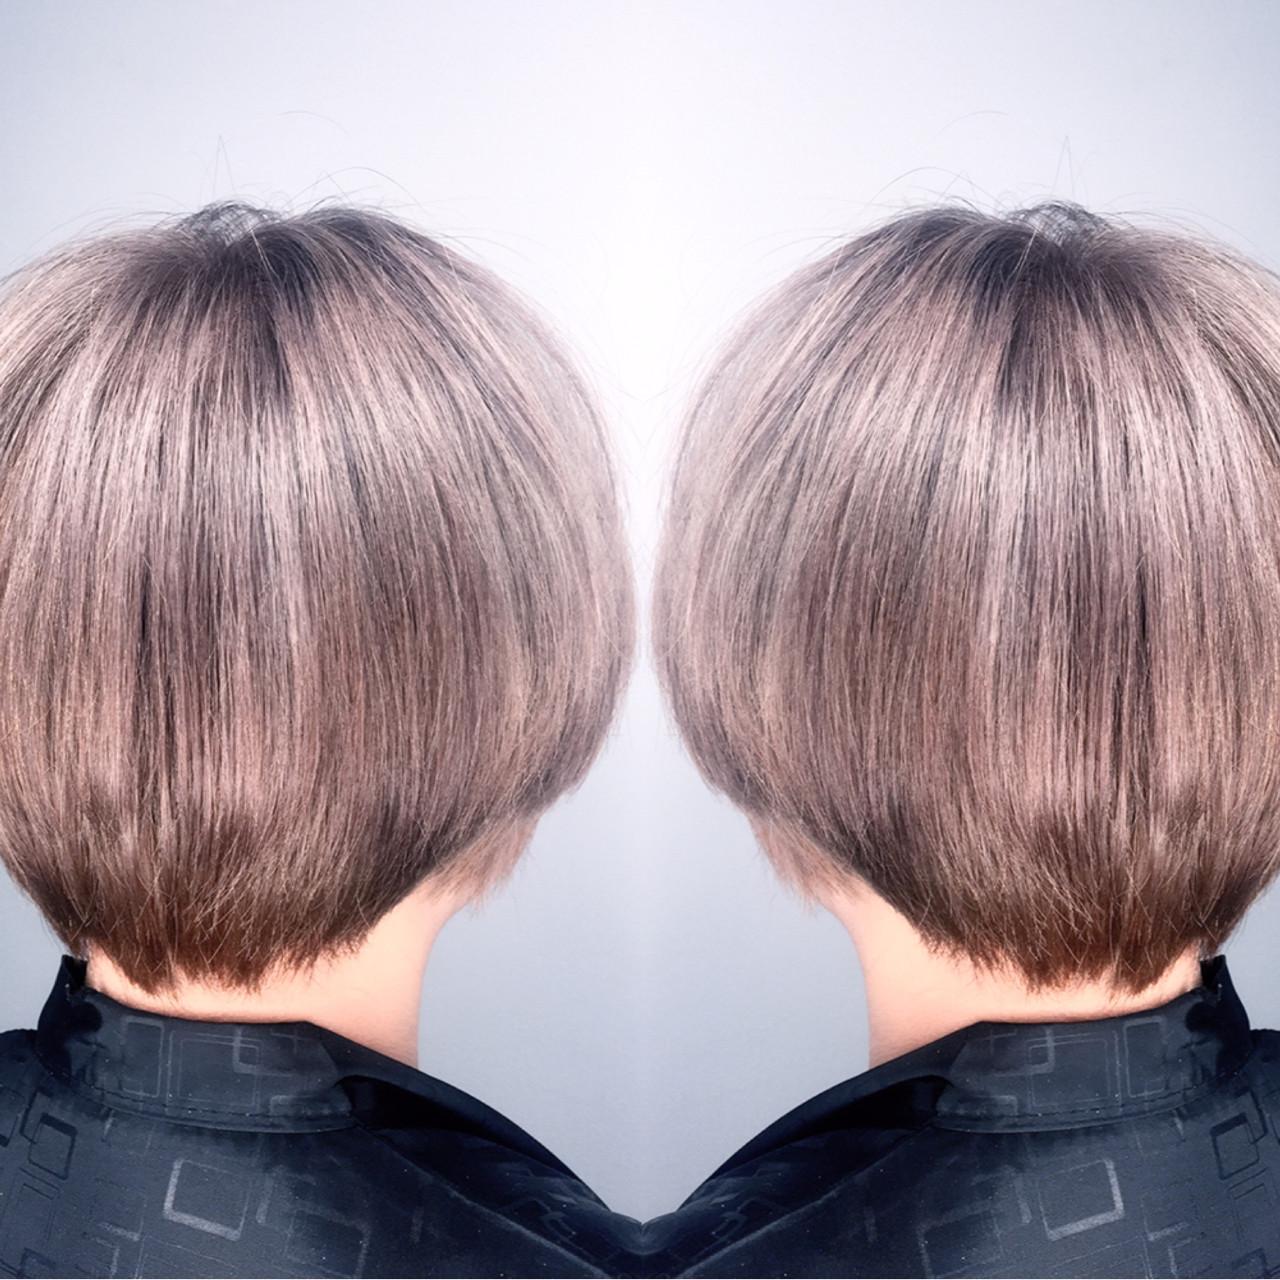 ハイライト モード ブリーチ ショート ヘアスタイルや髪型の写真・画像   筒井 隆由 / Hair salon mode